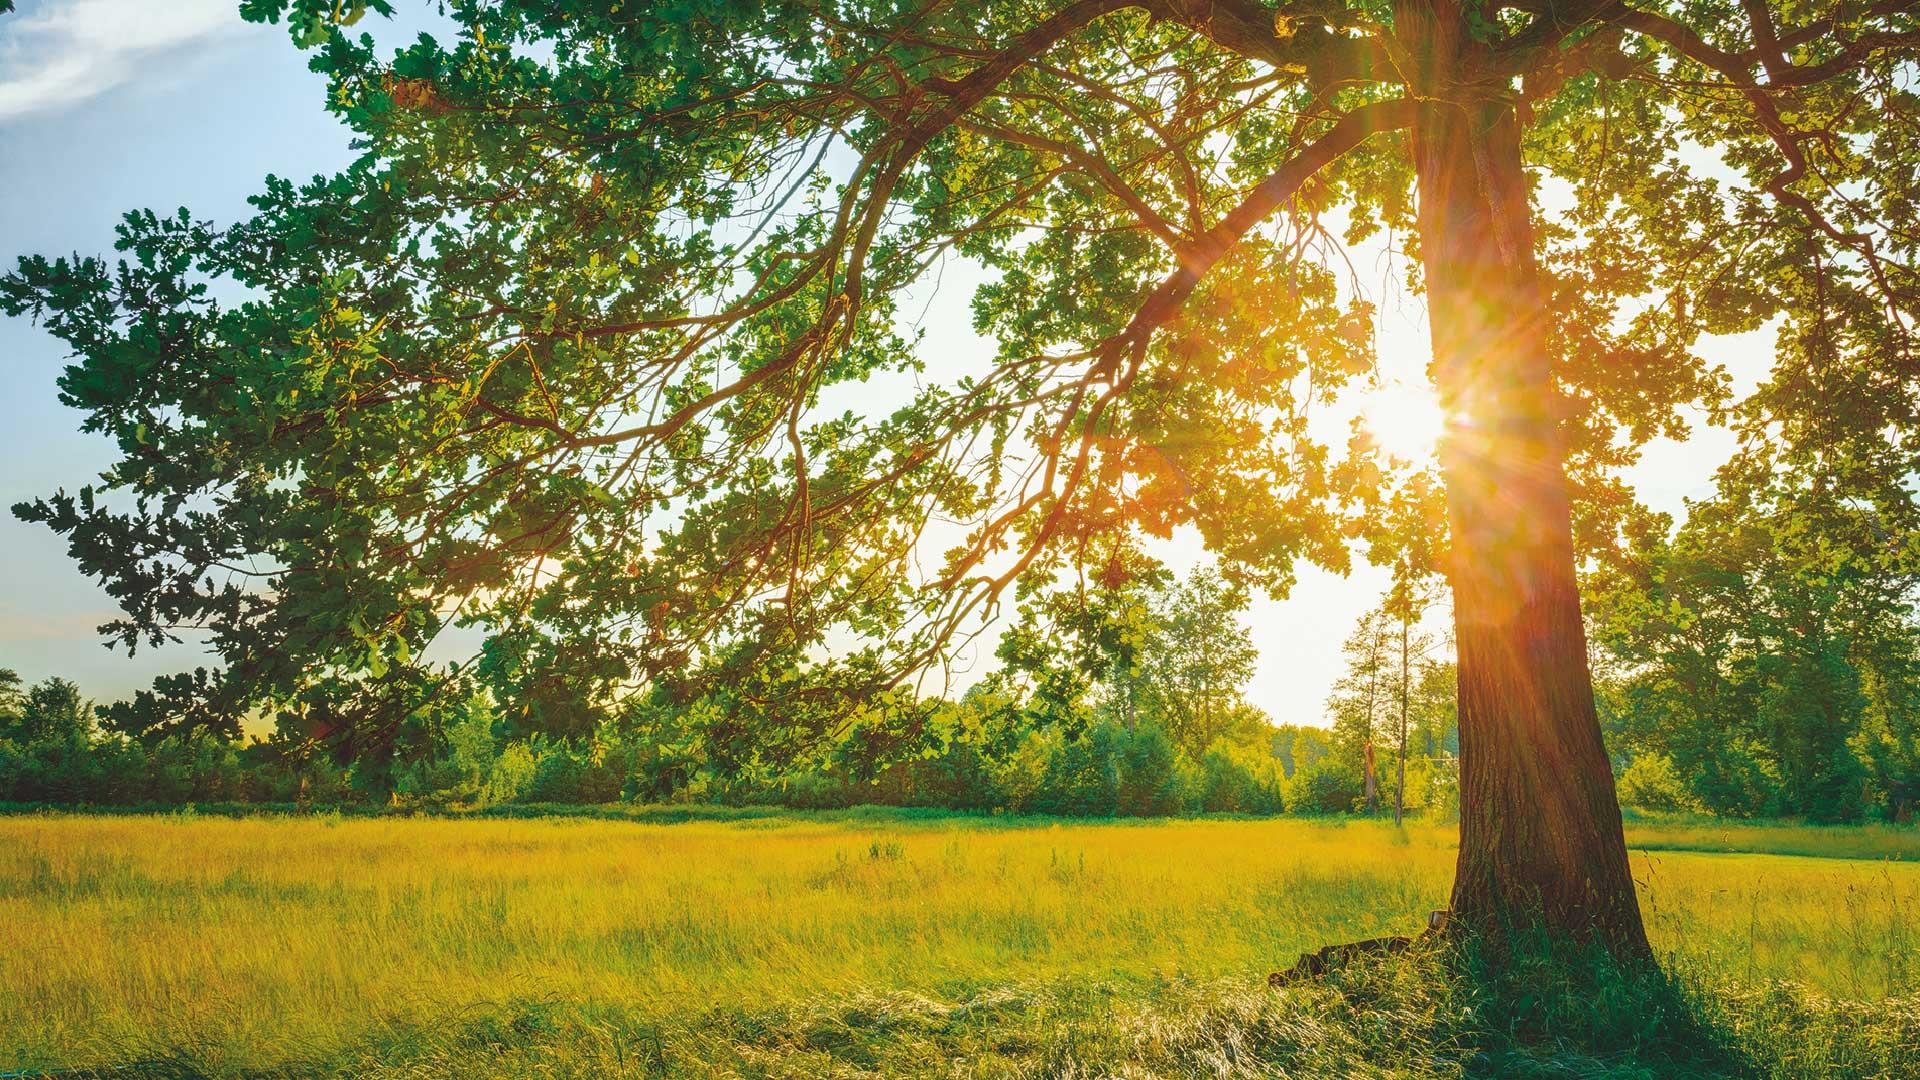 Baum auf sommerlicher Wiese.